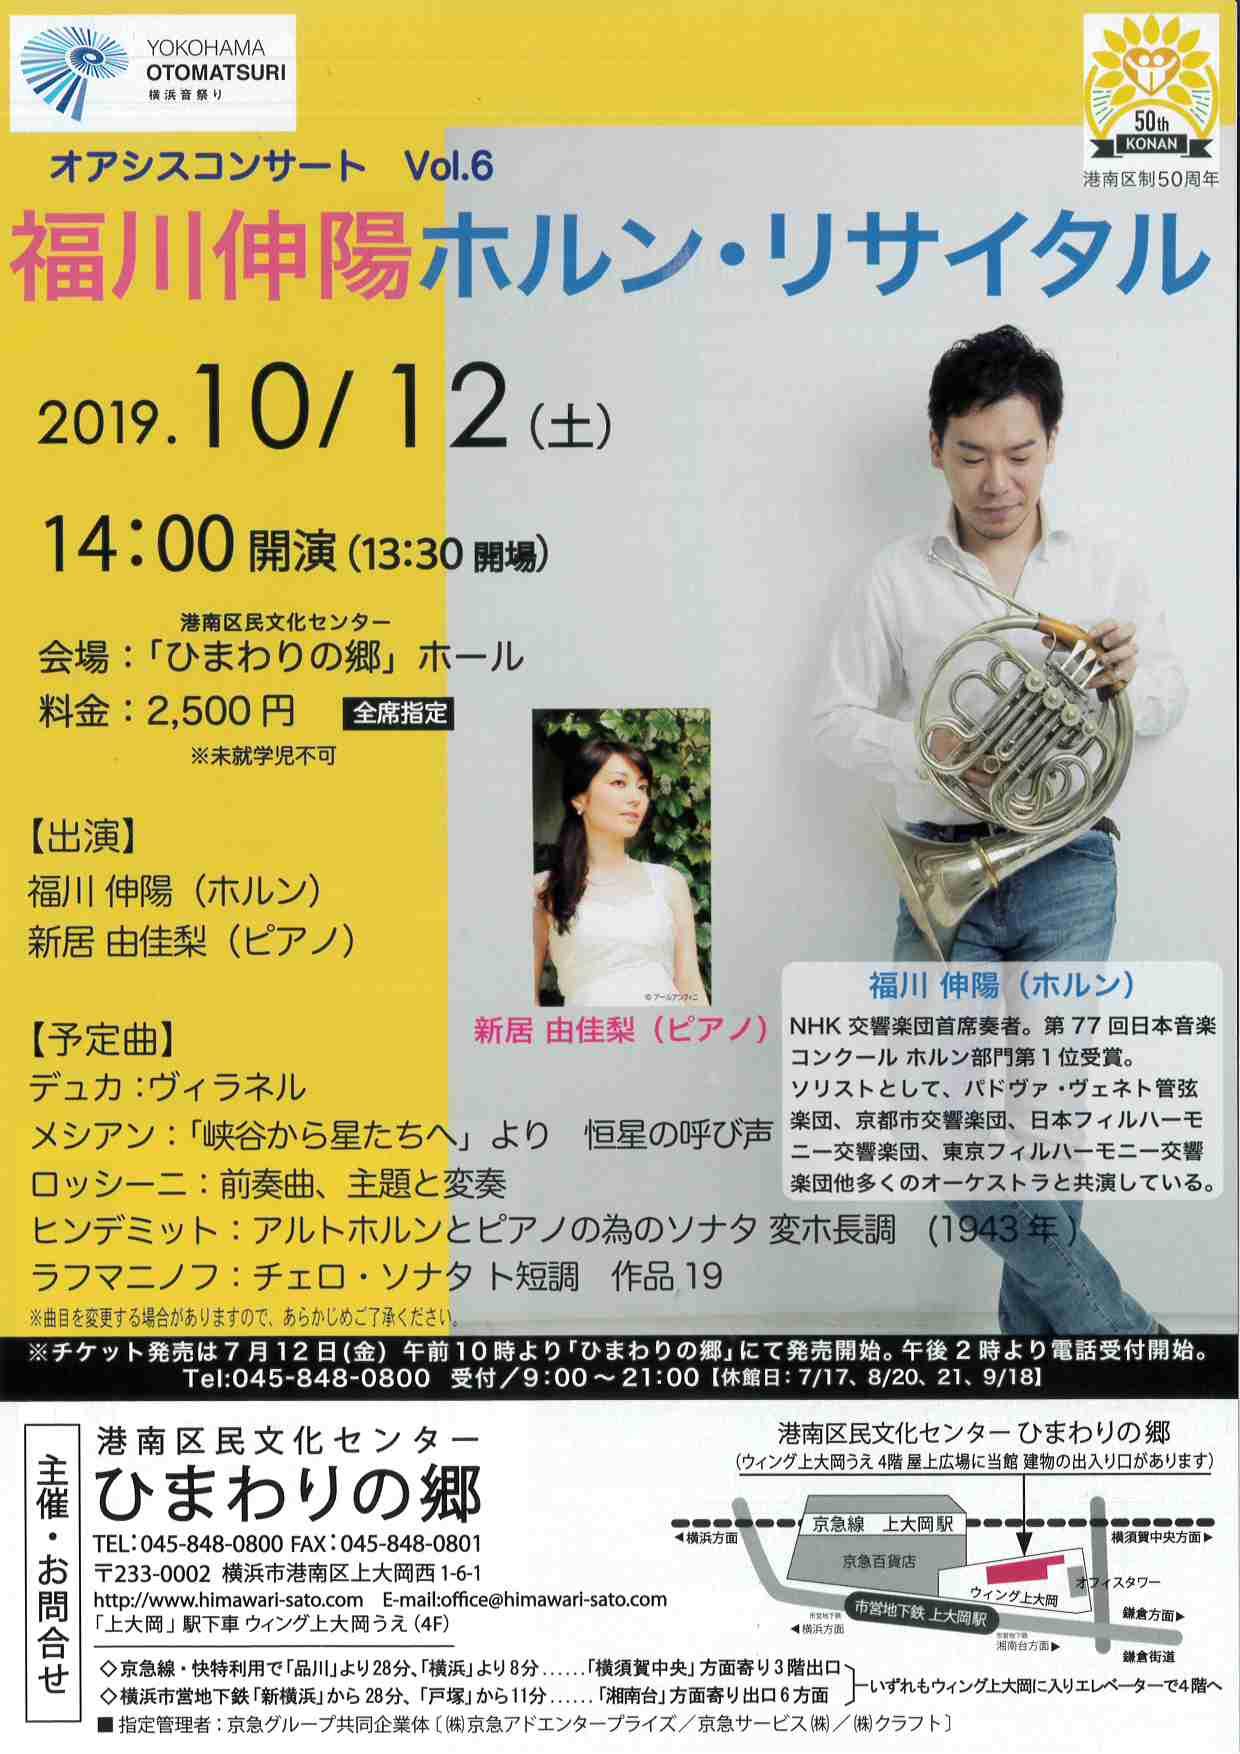 オアシスコンサート Vol.6 福川伸陽 ホルン・リサイタル